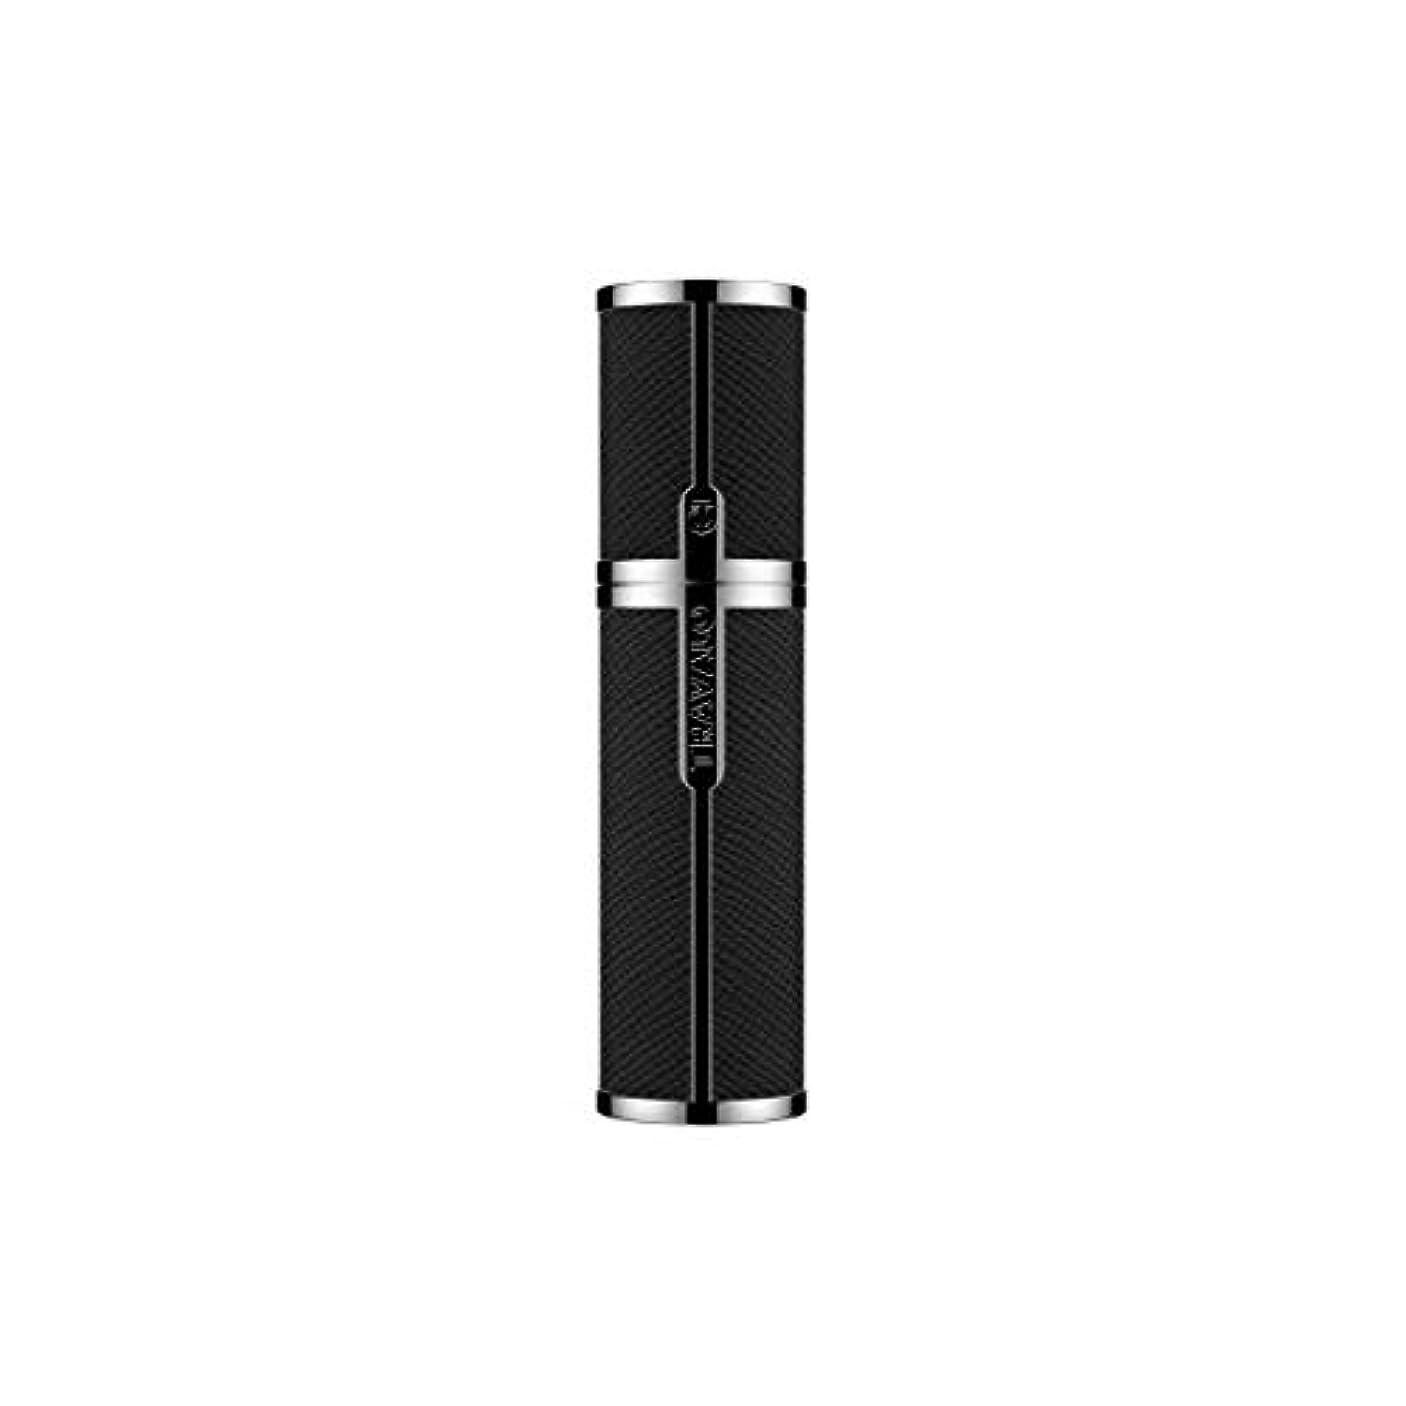 ひそかにちょっと待って遺伝的TRAVALO (トラヴァ―ロ) ミラノ アトマイザー ブラック 香水 旅行 携帯 詰め替え ボトル 簡単 香水スプレー